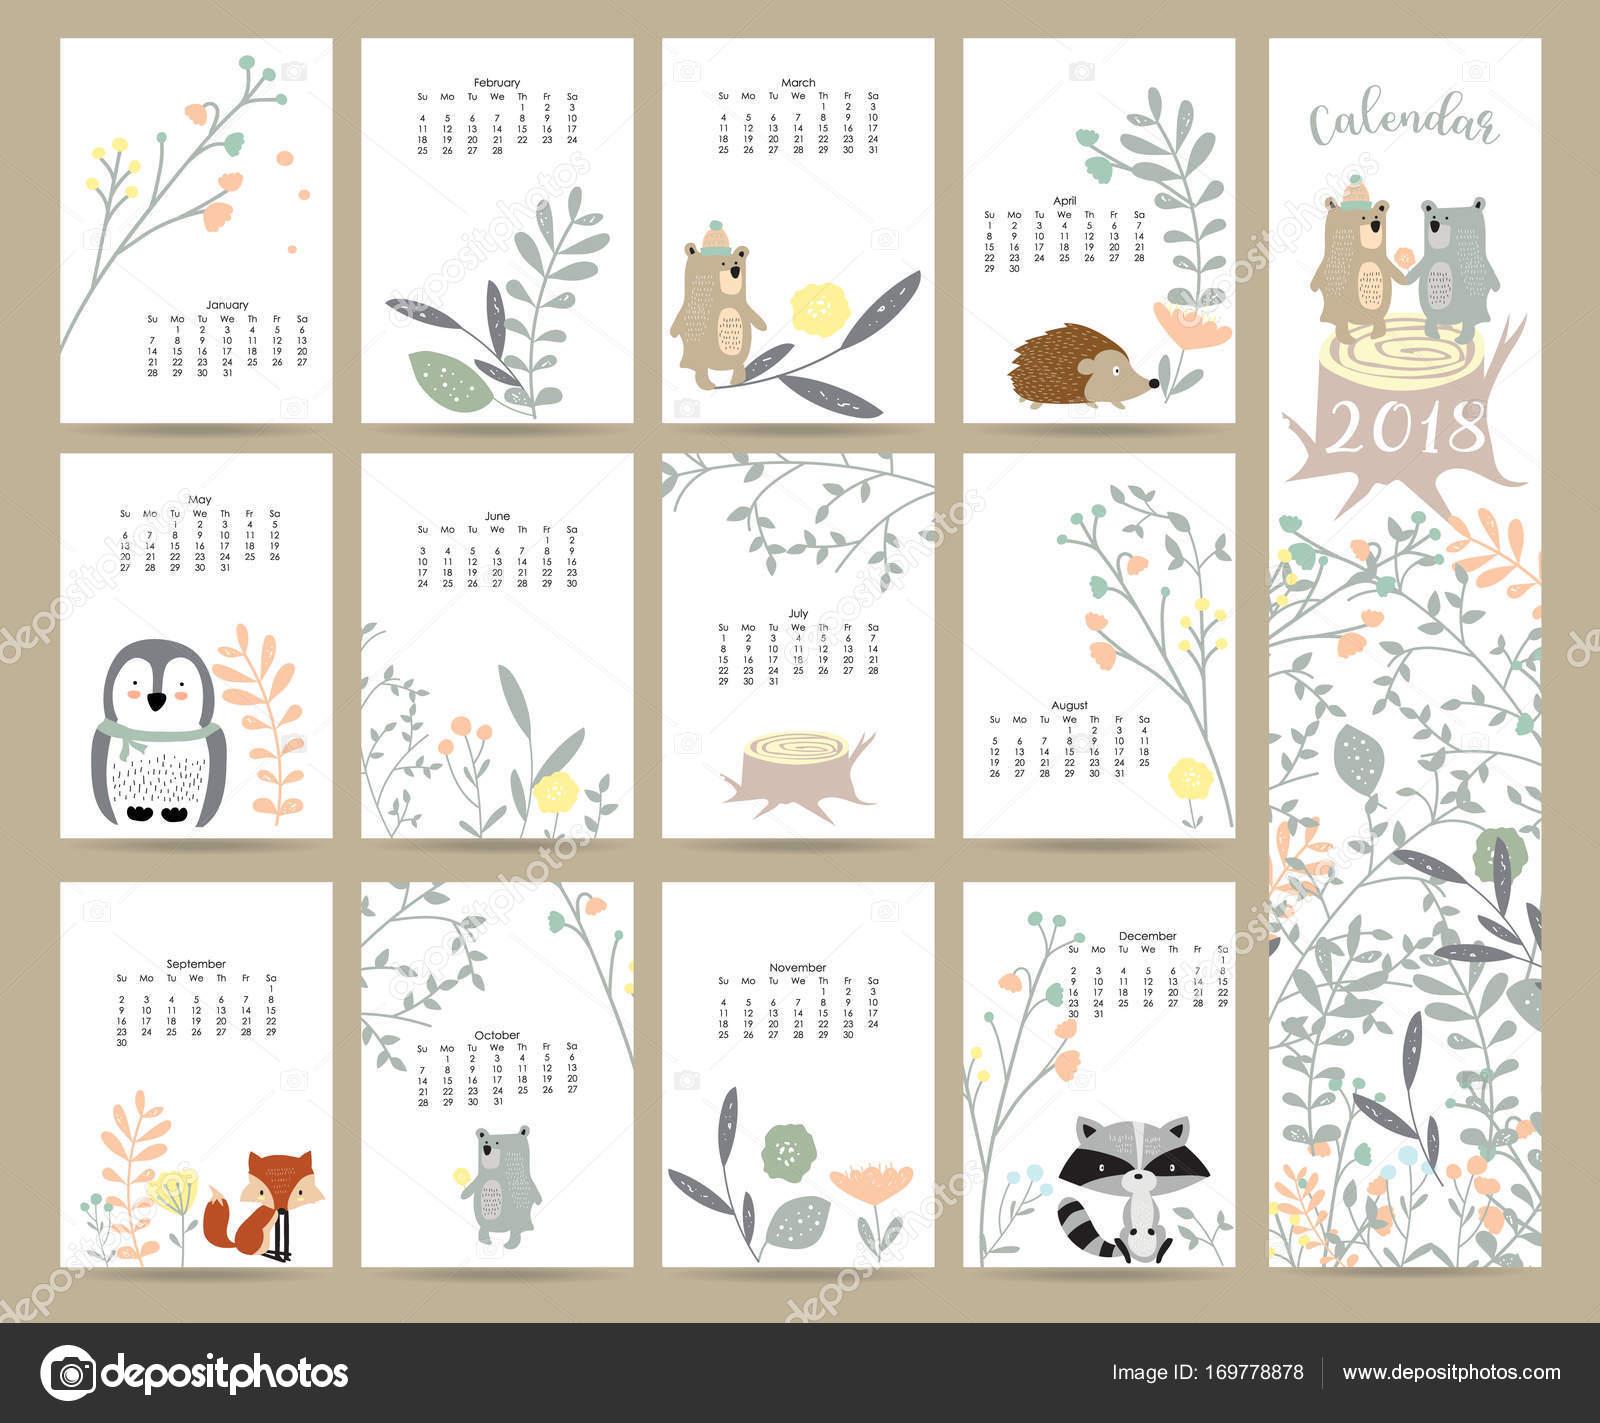 Relax With Art Calendar : Moon calendar creative calendar moon calendar